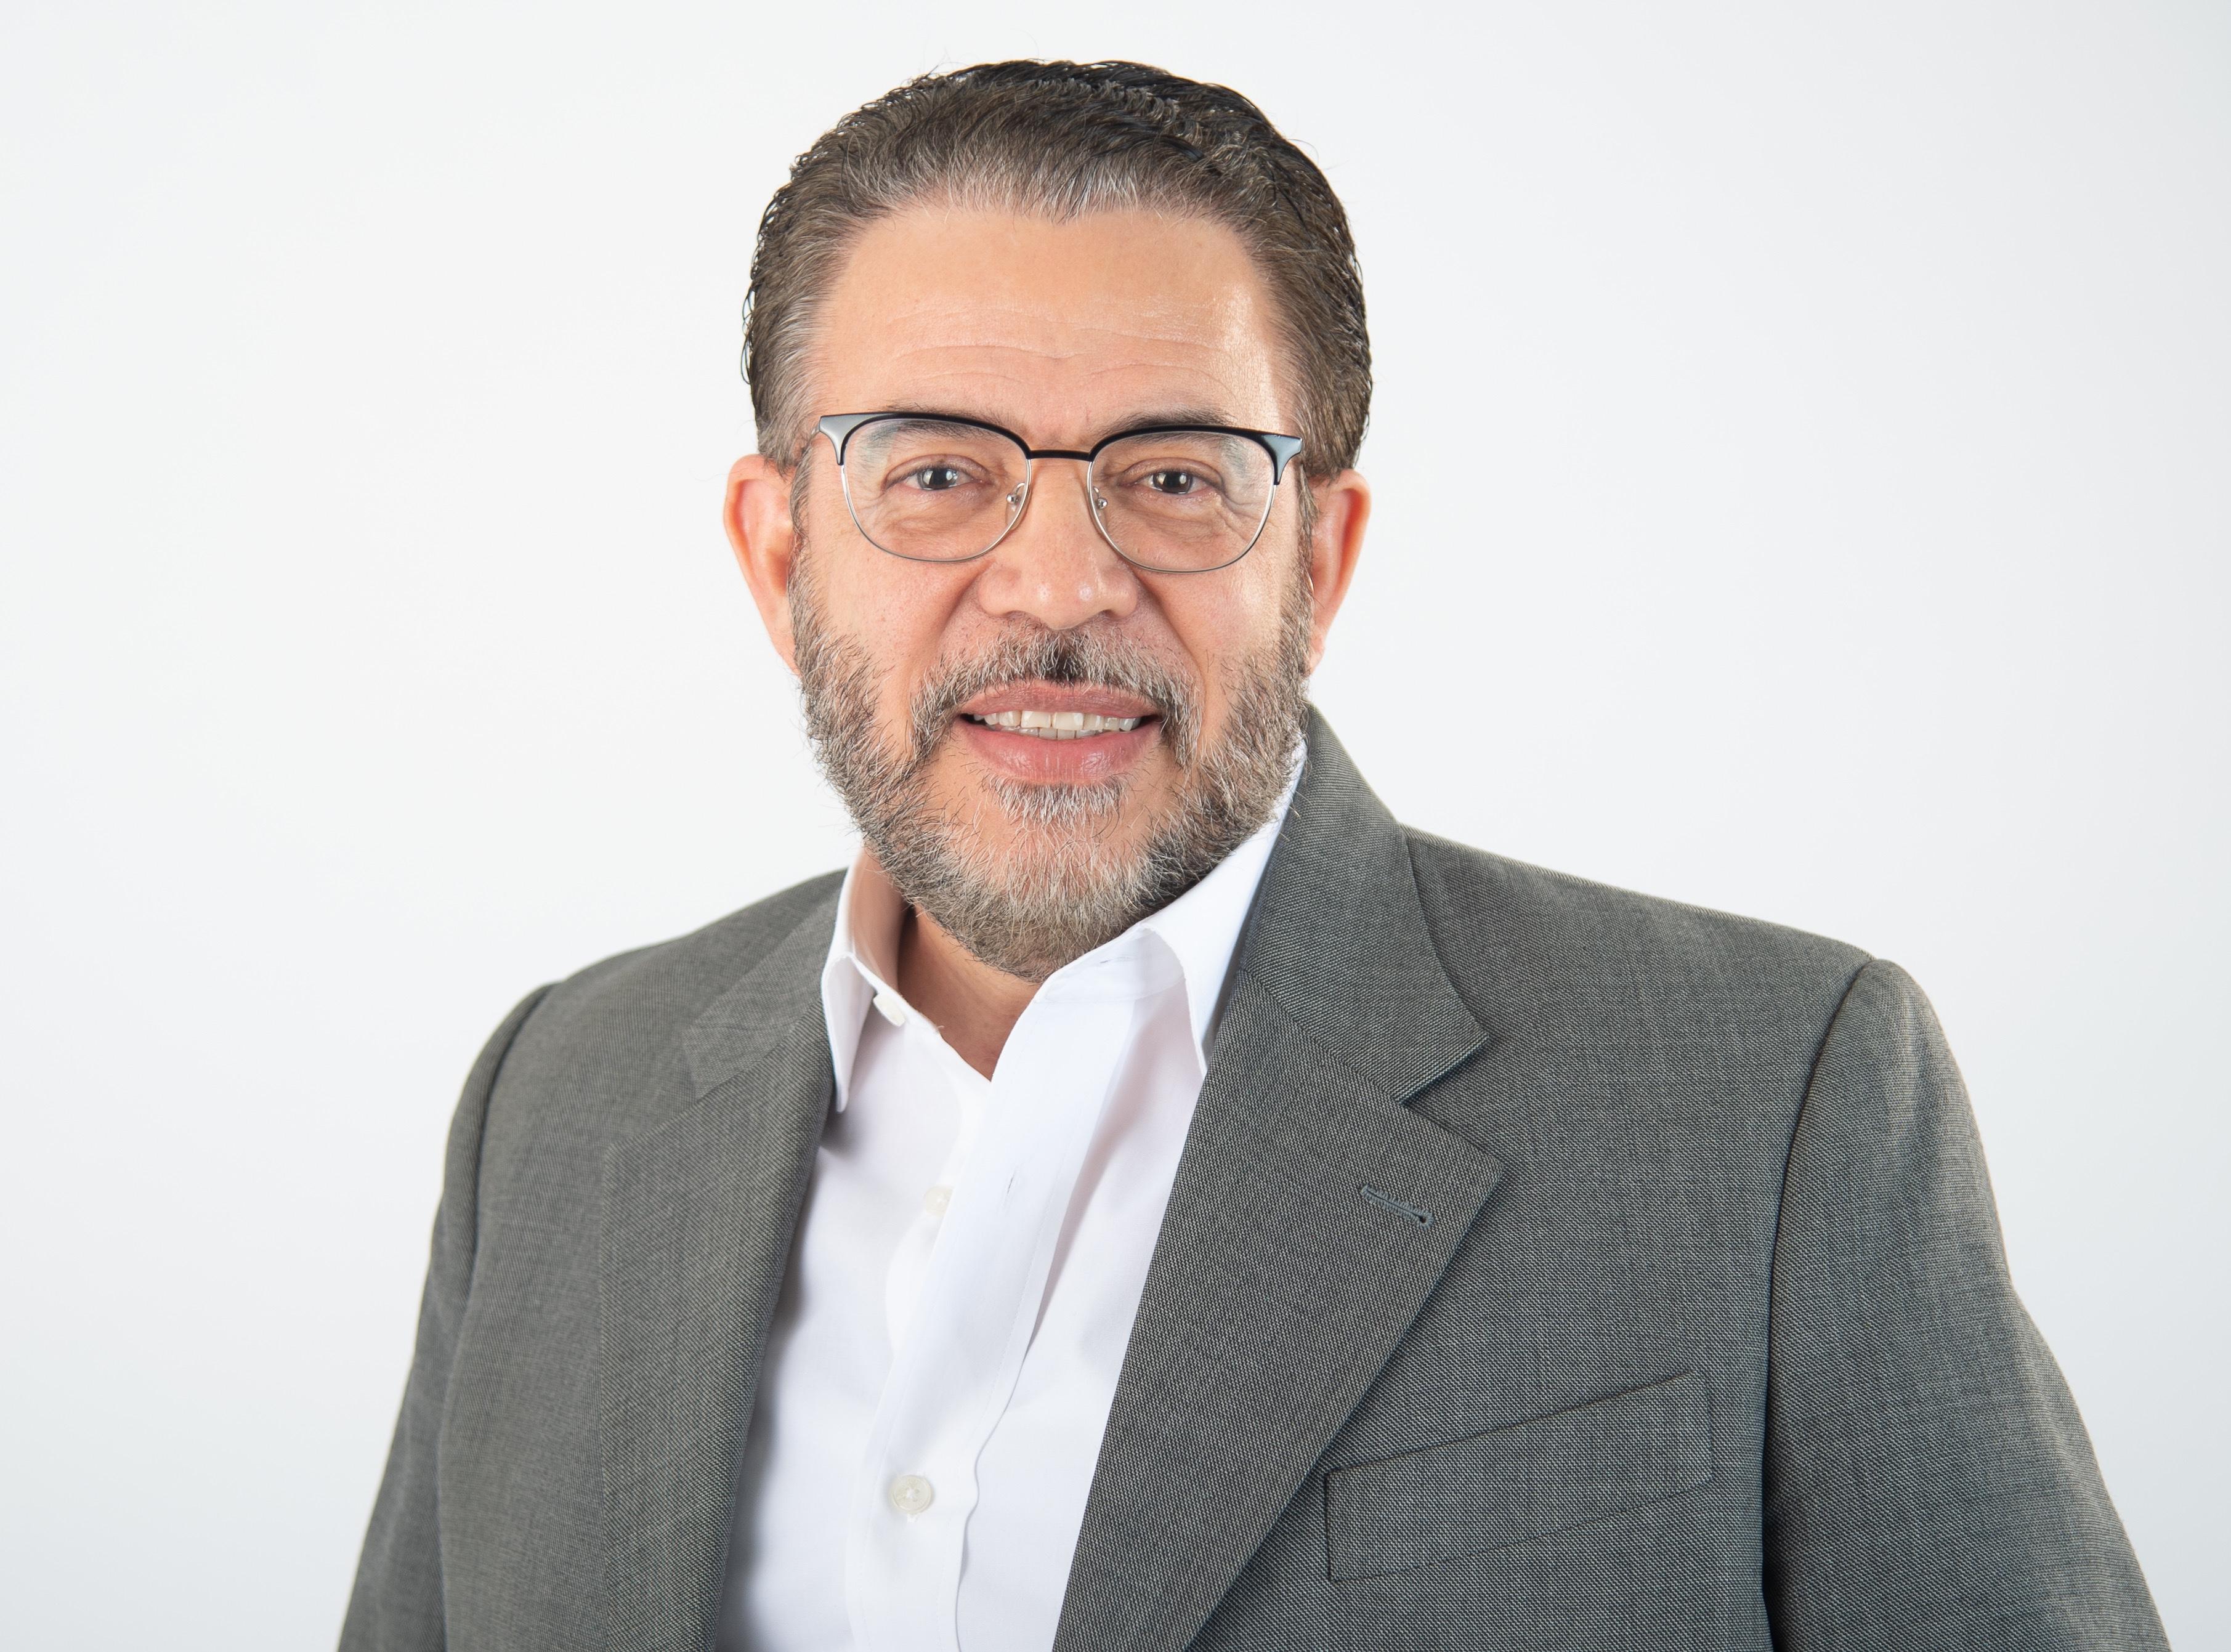 Guillermo Moreno apoya actos del MP frente a actos de corrupción de ex funcionarios del PLD